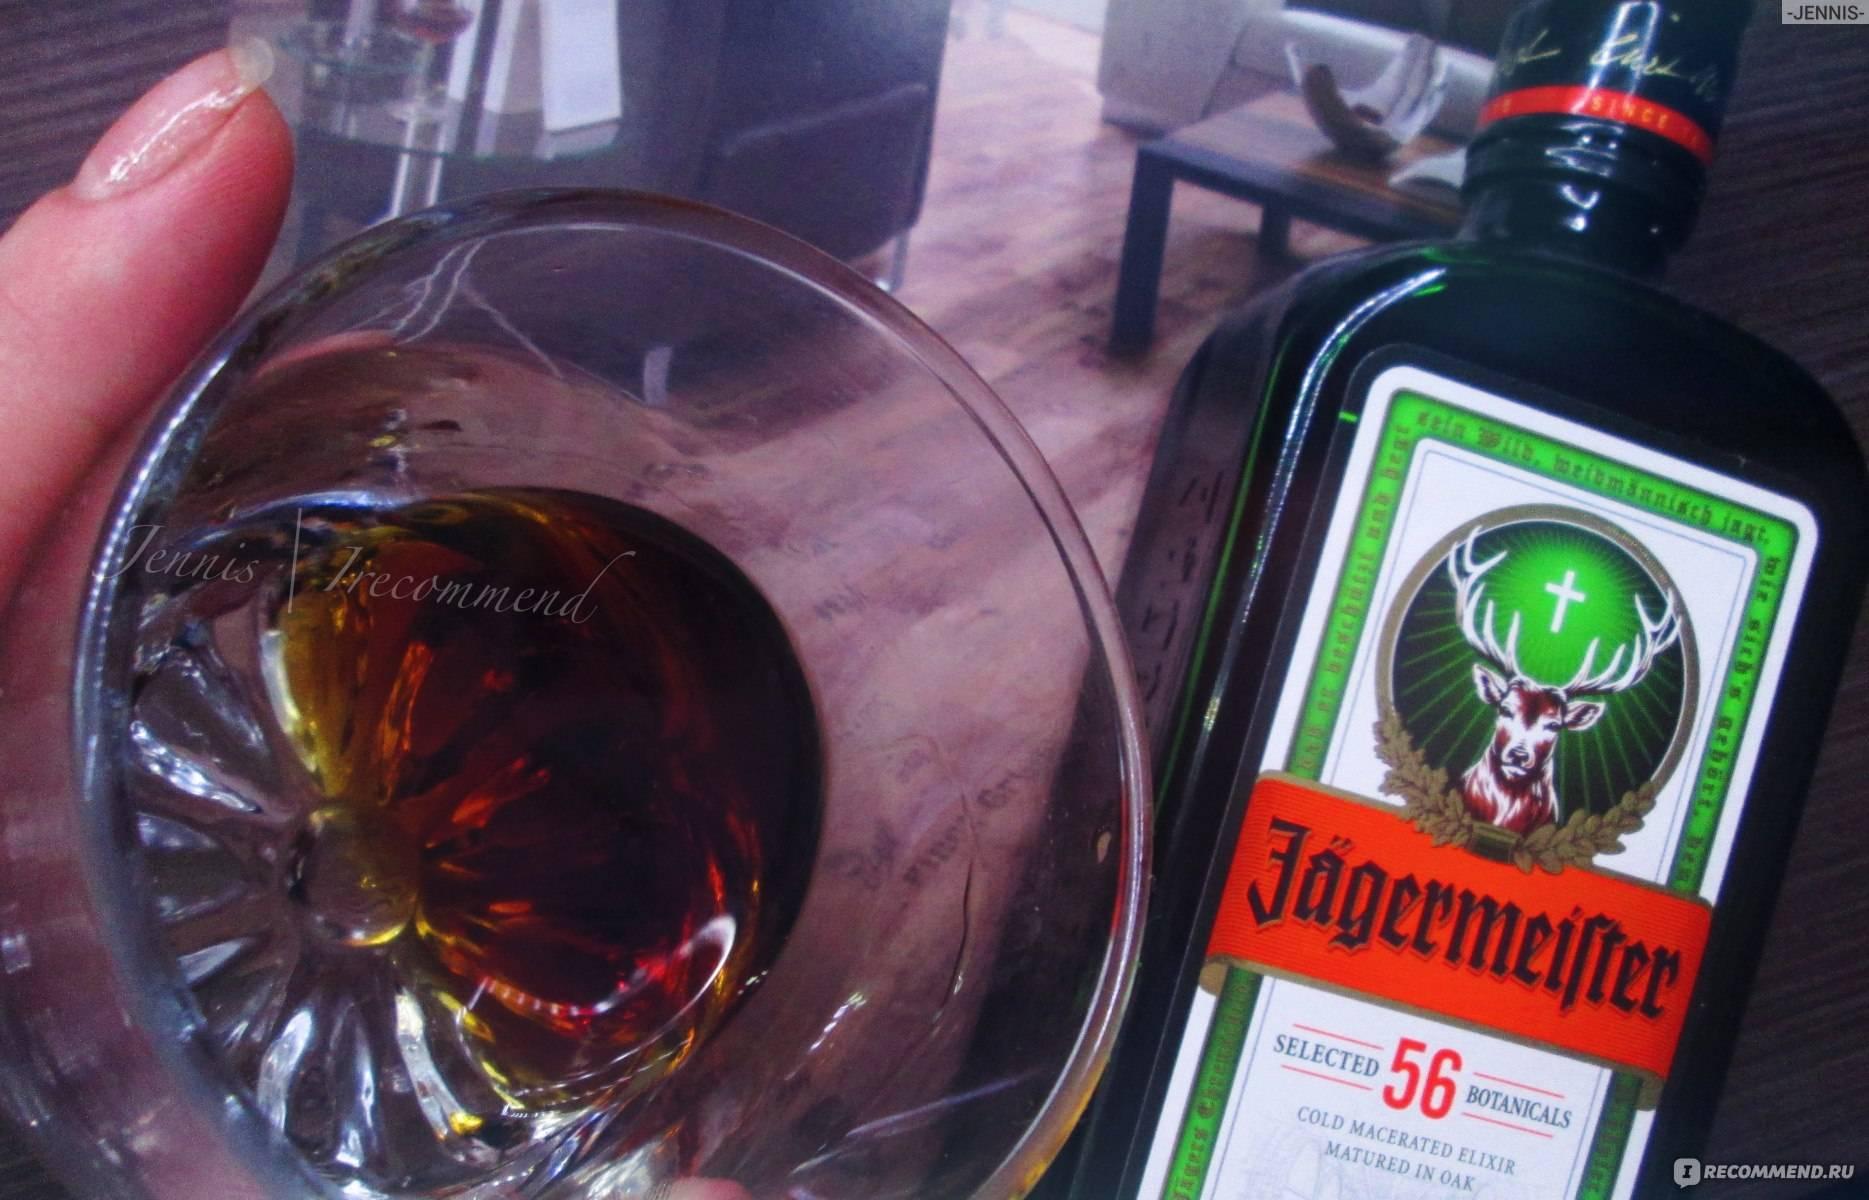 Как пить егермейстер правильно